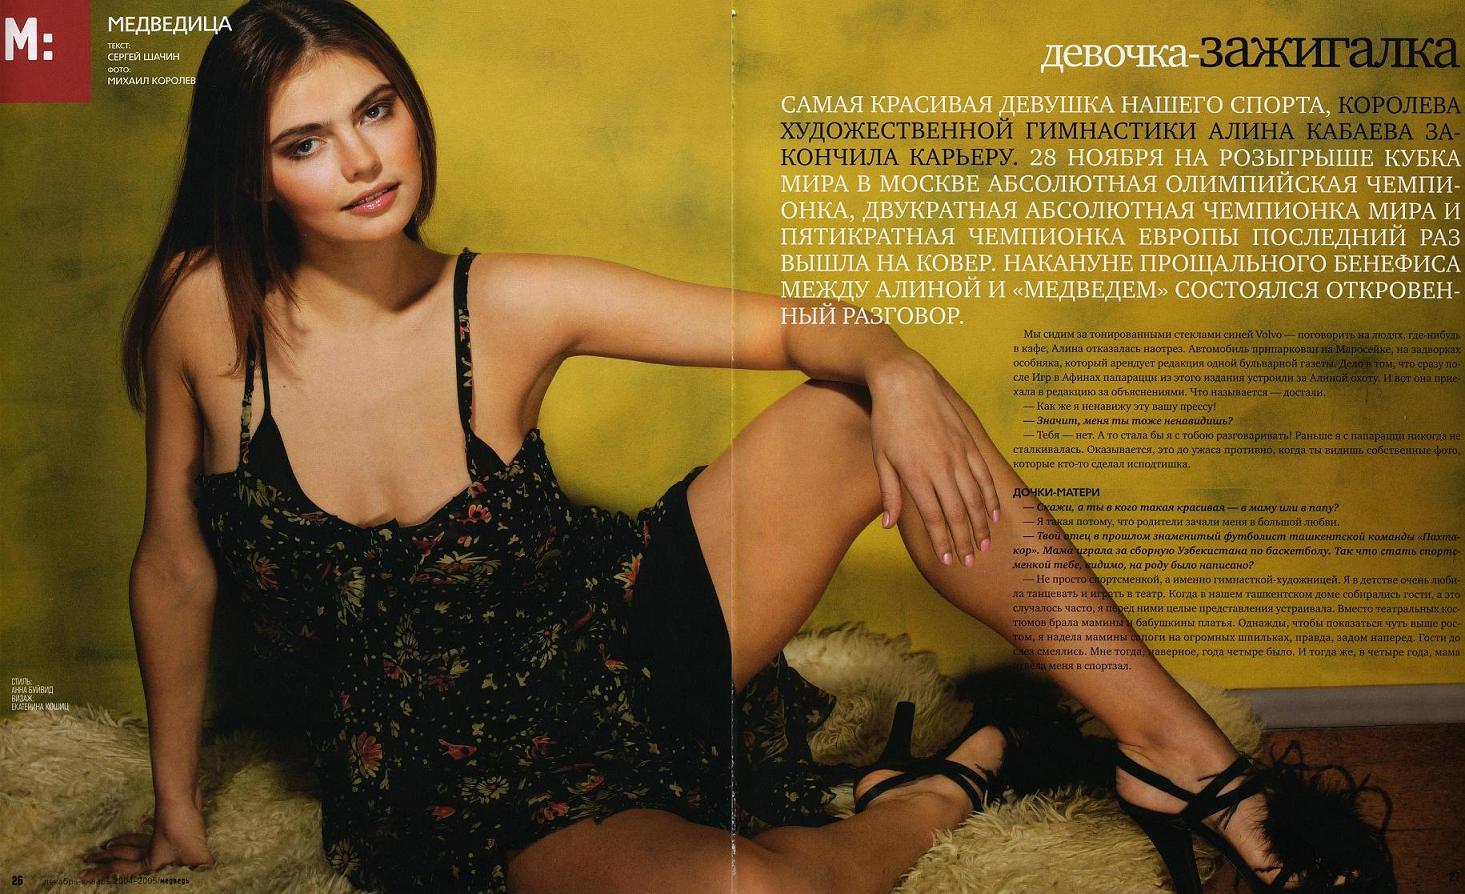 Алина кабаева трахается 17 фотография